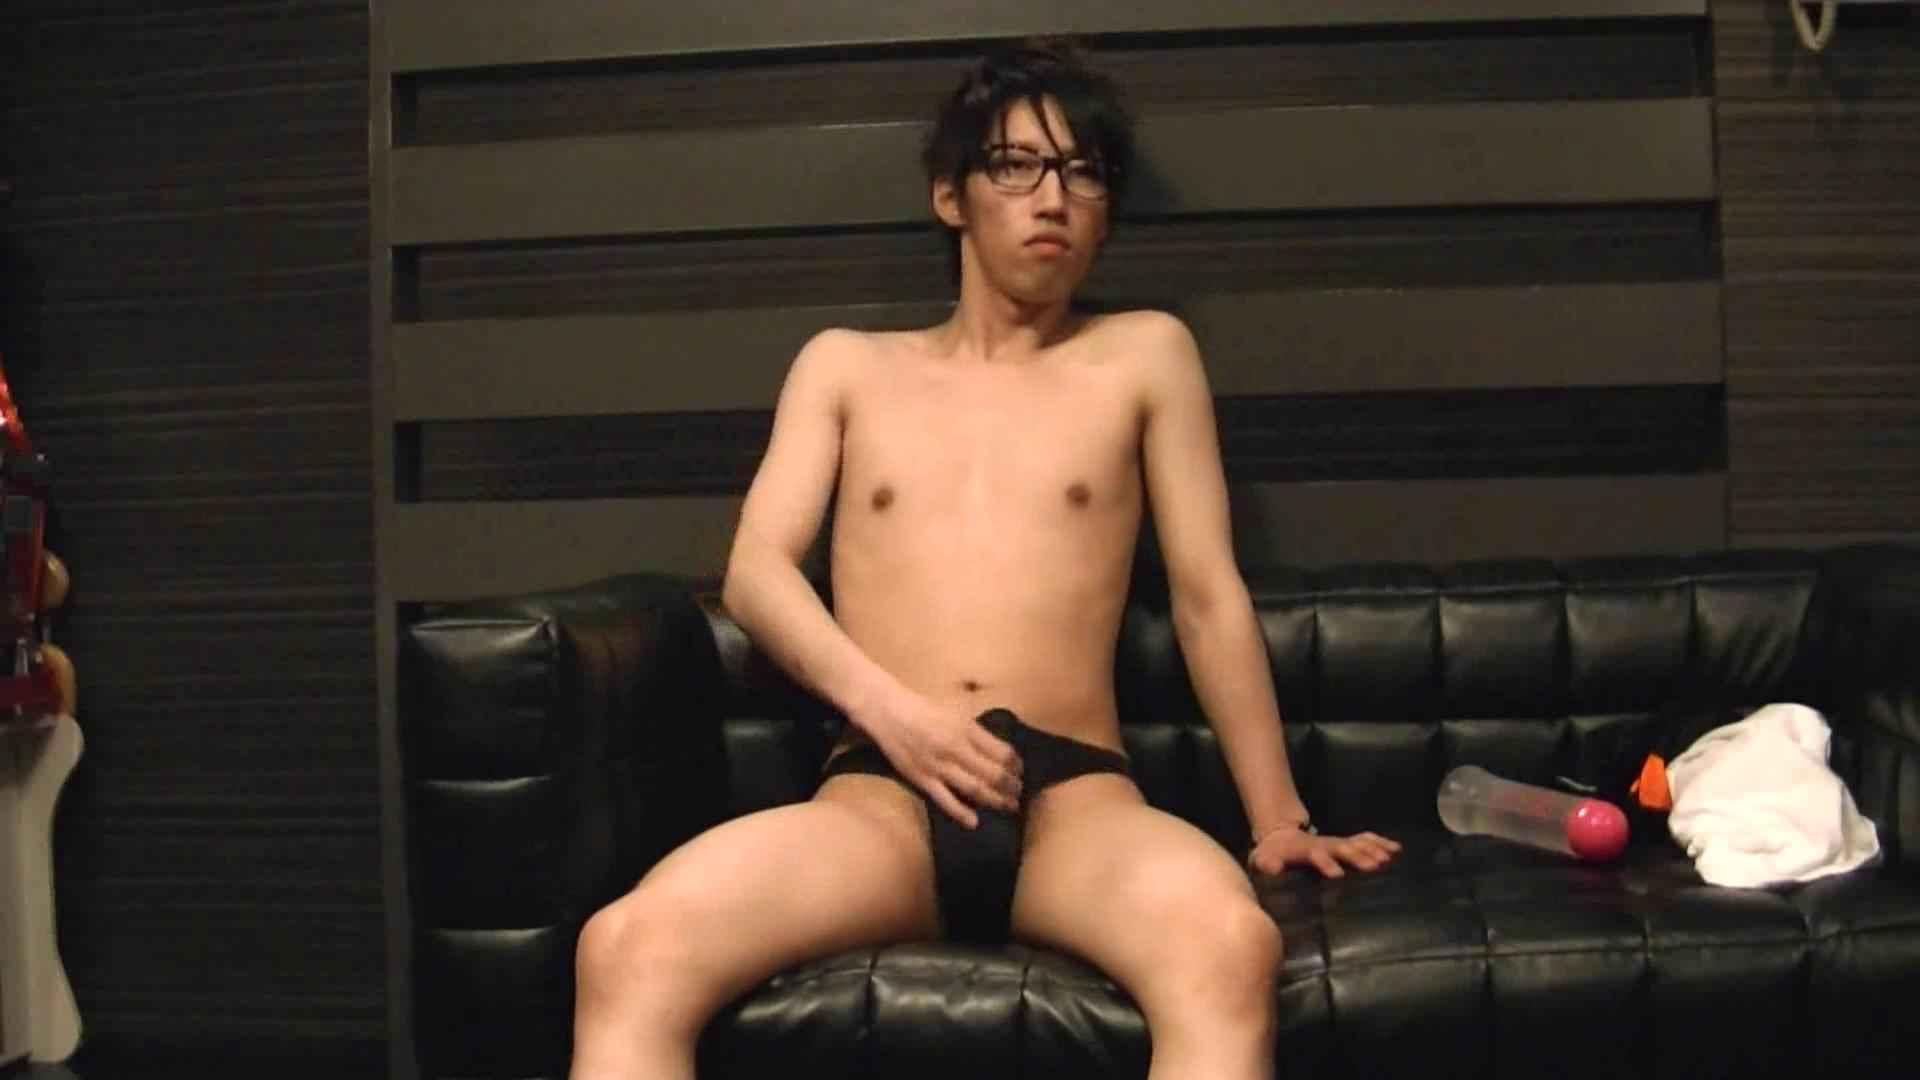 ONA見せカーニバル!! Vol3 男の世界 | オナニー専門男子  98画像 31